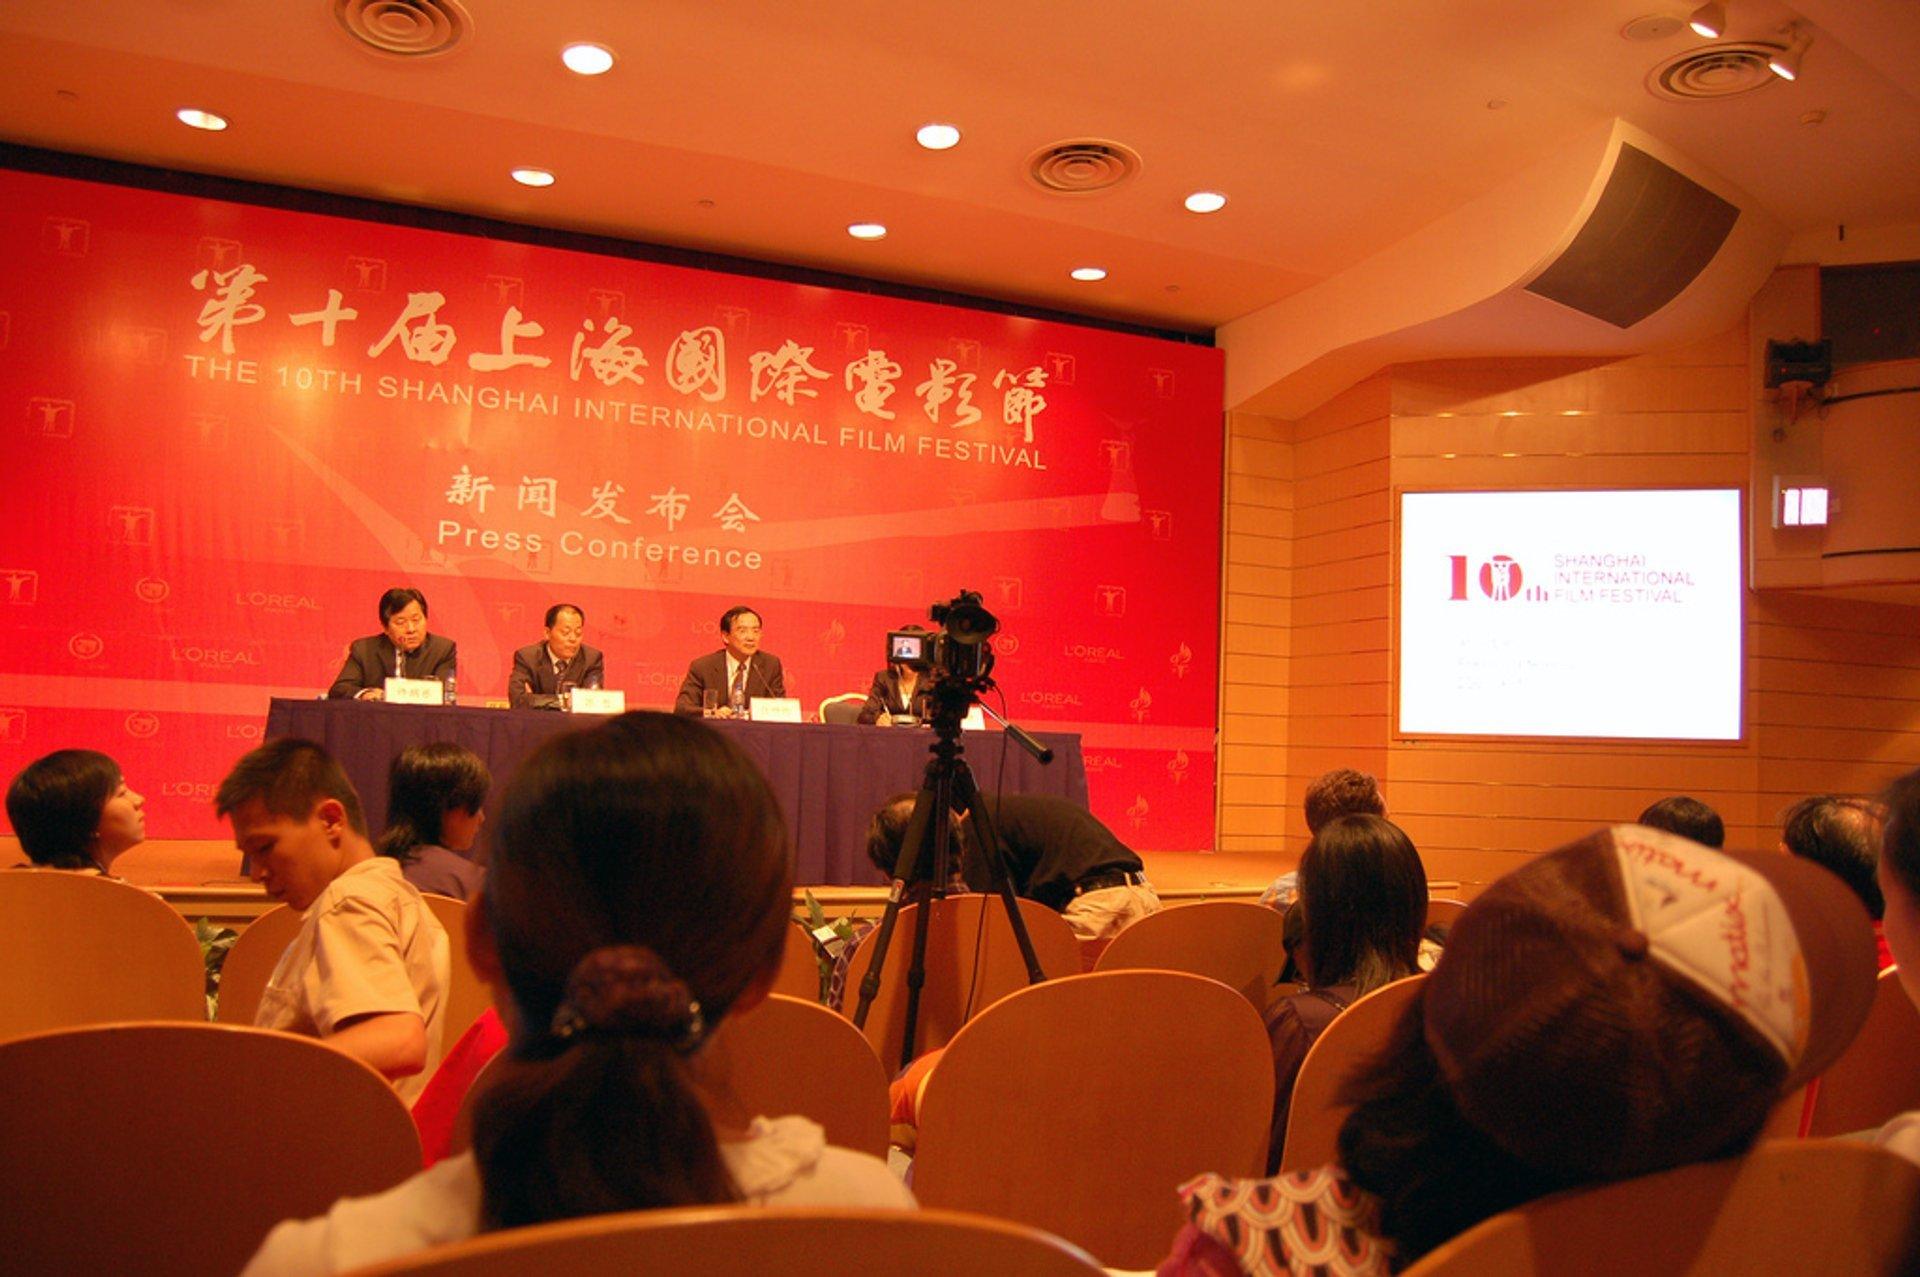 Shanghai International Film Festival in Shanghai 2020 - Best Time